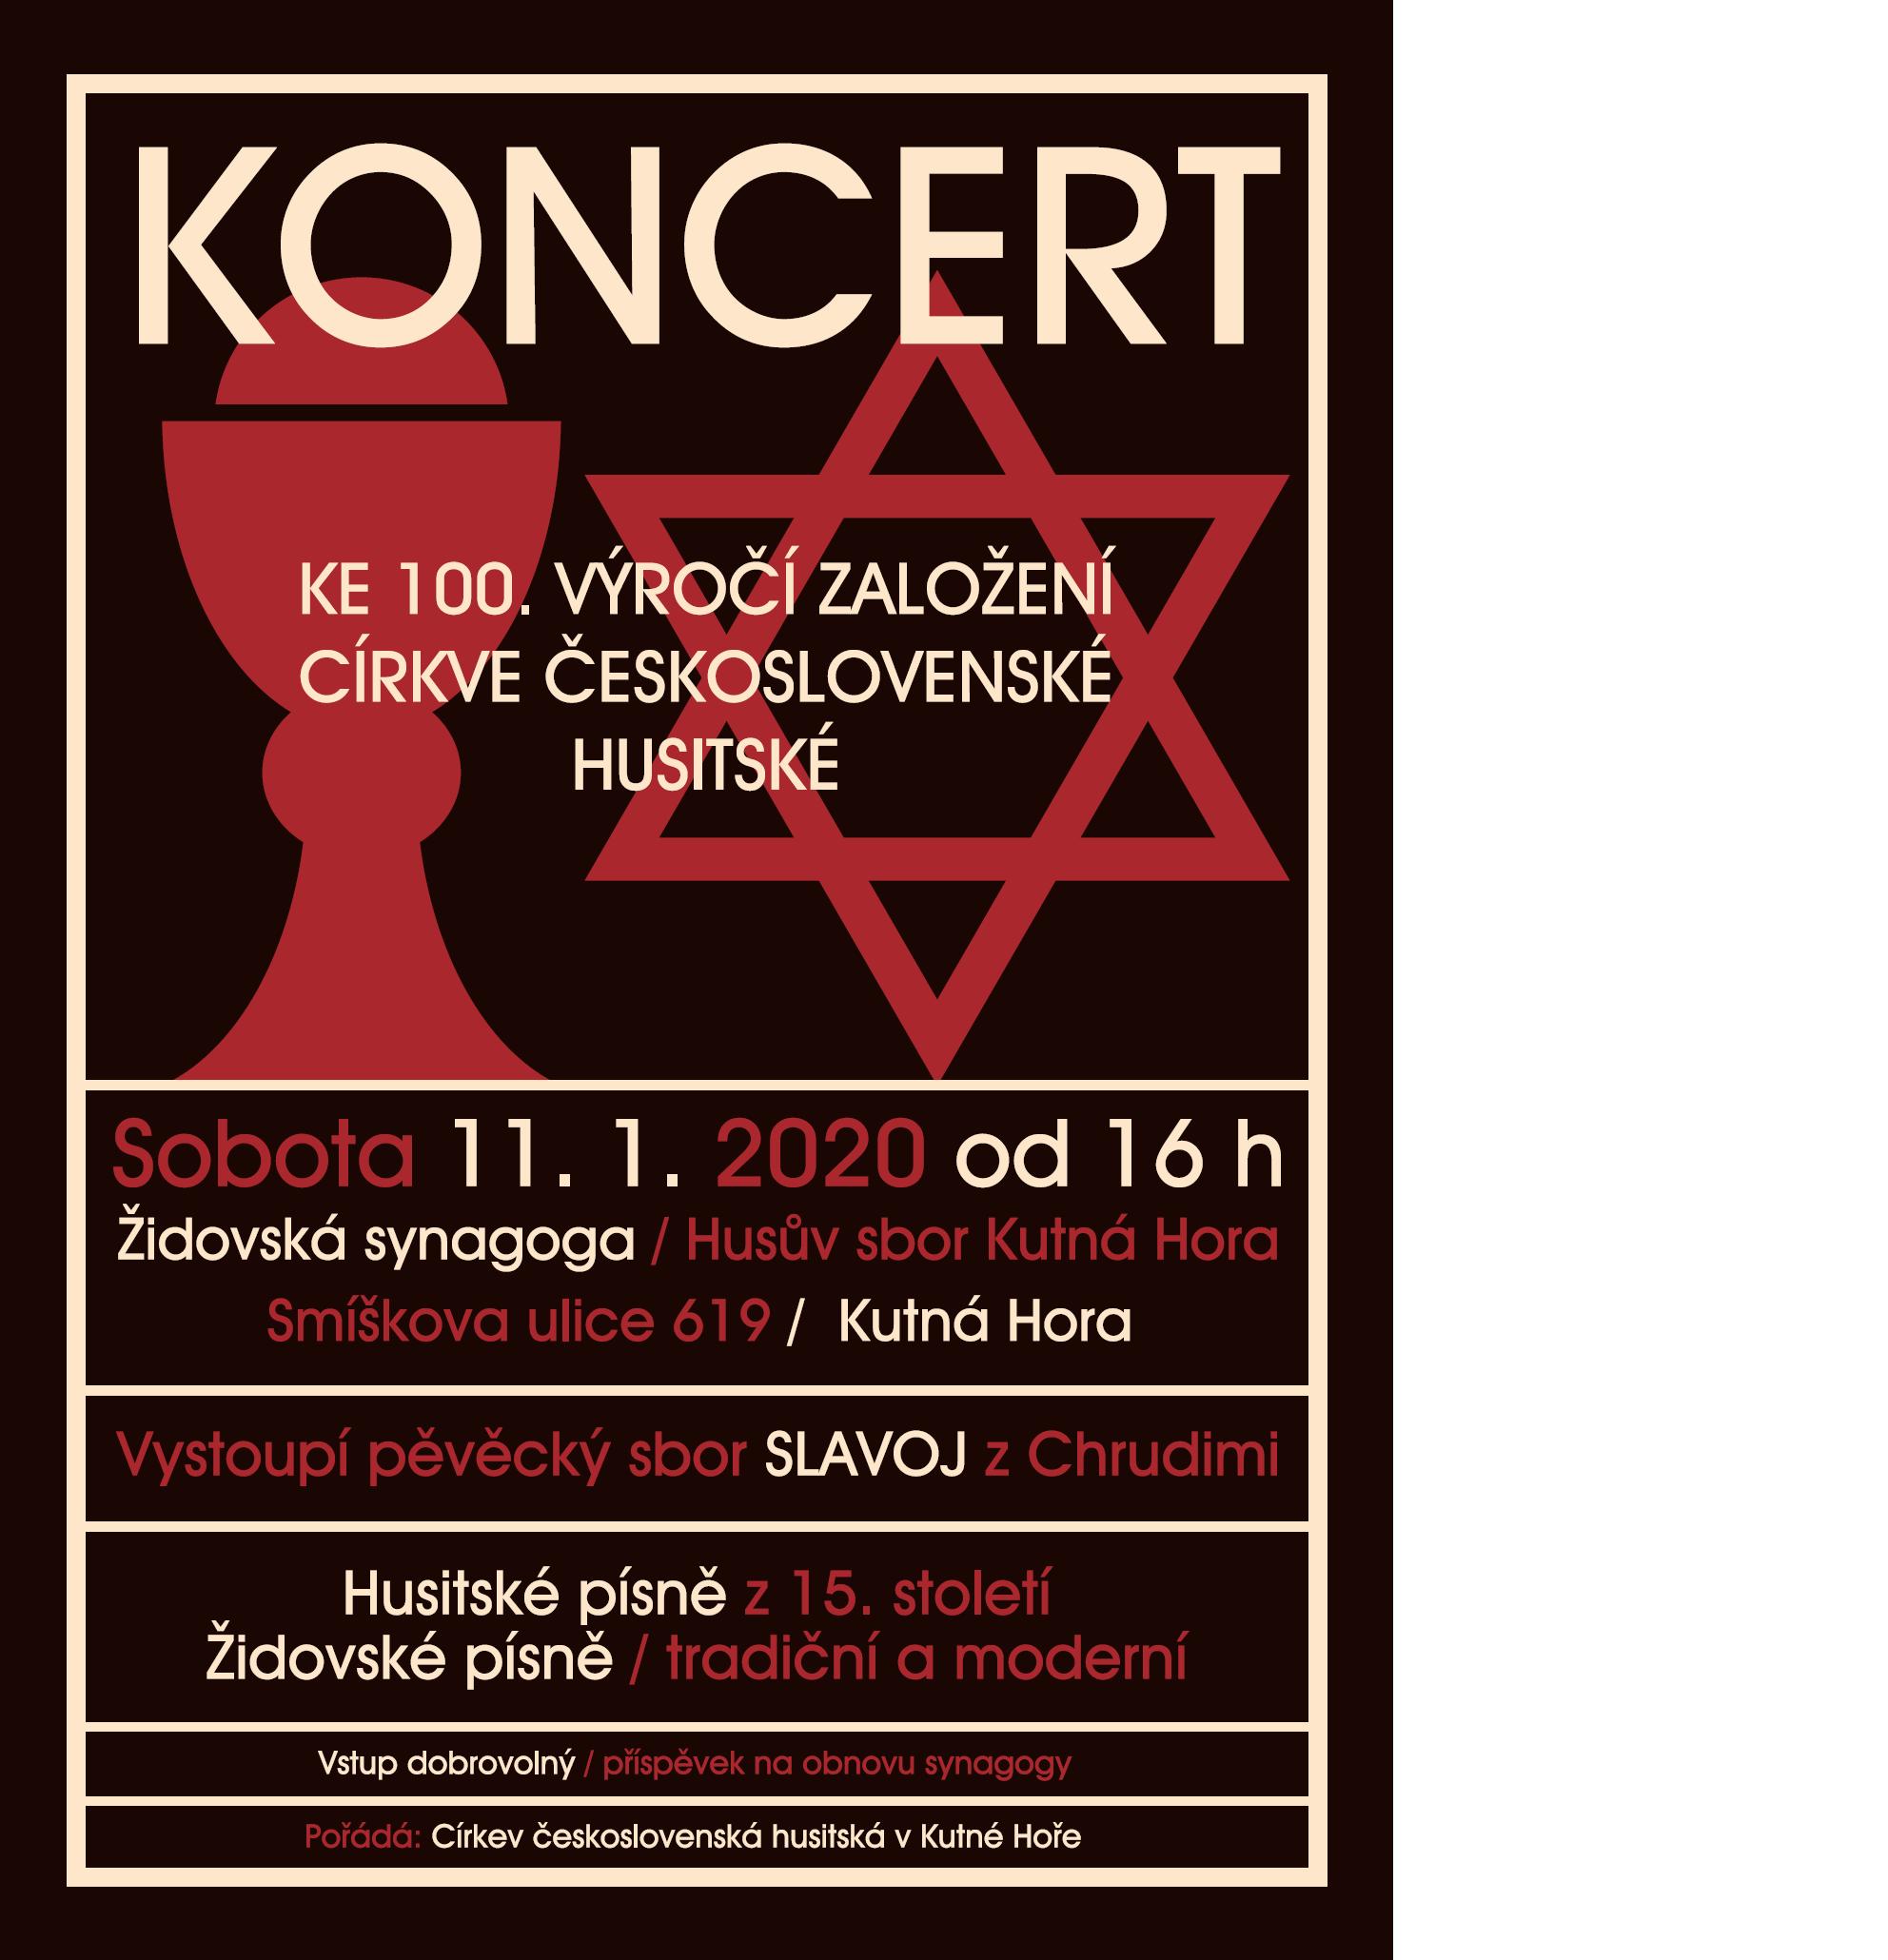 7413-koncert-ke-100-vyroci-zalozeni-cirkve-ceskoslovenske-husitske.png